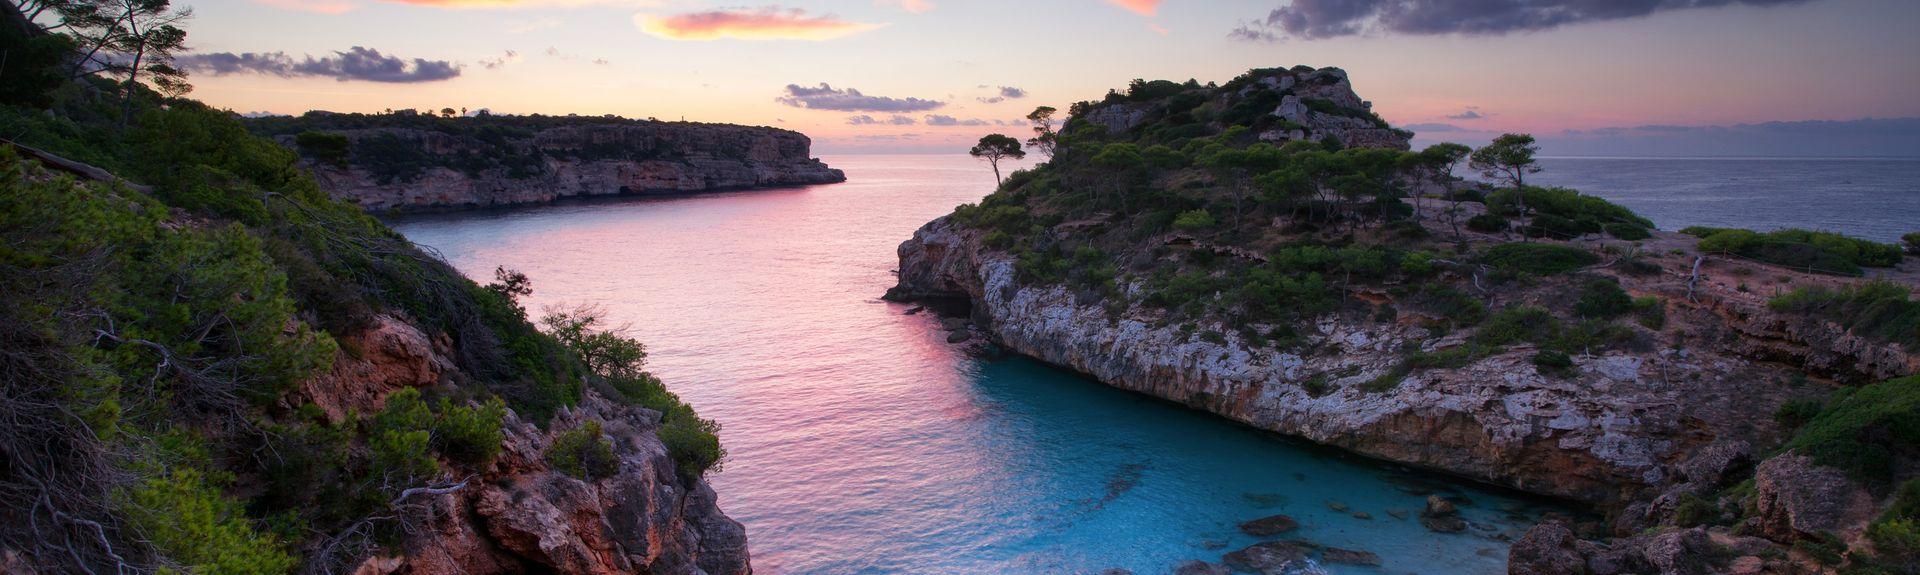 Santanyi, Balearic Islands, Spain